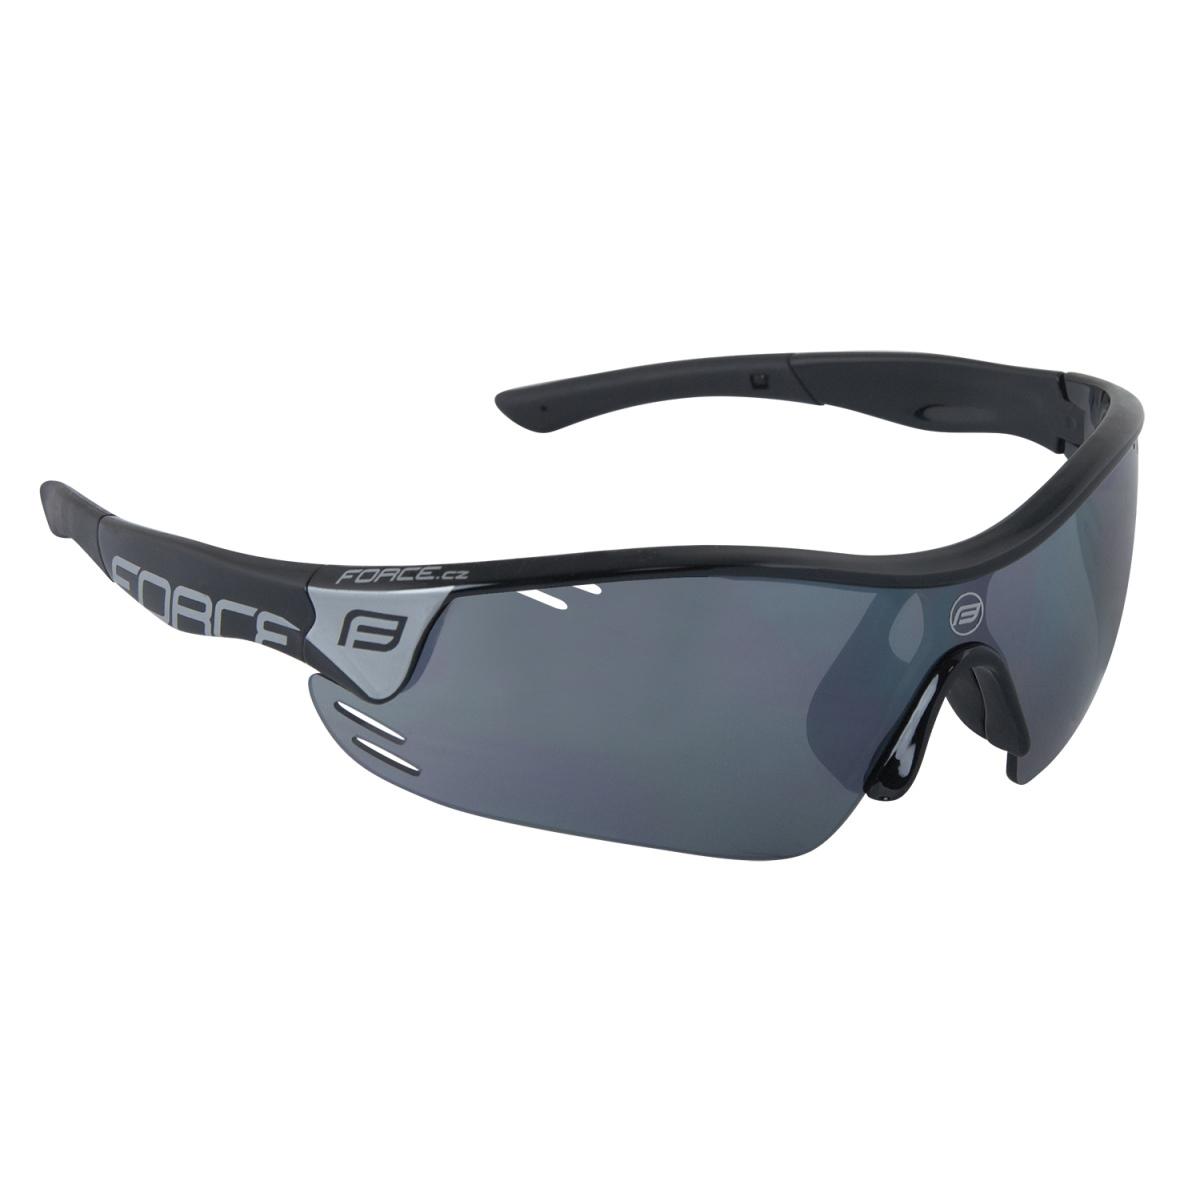 Force brýle Race Pro černé, černá laser skla